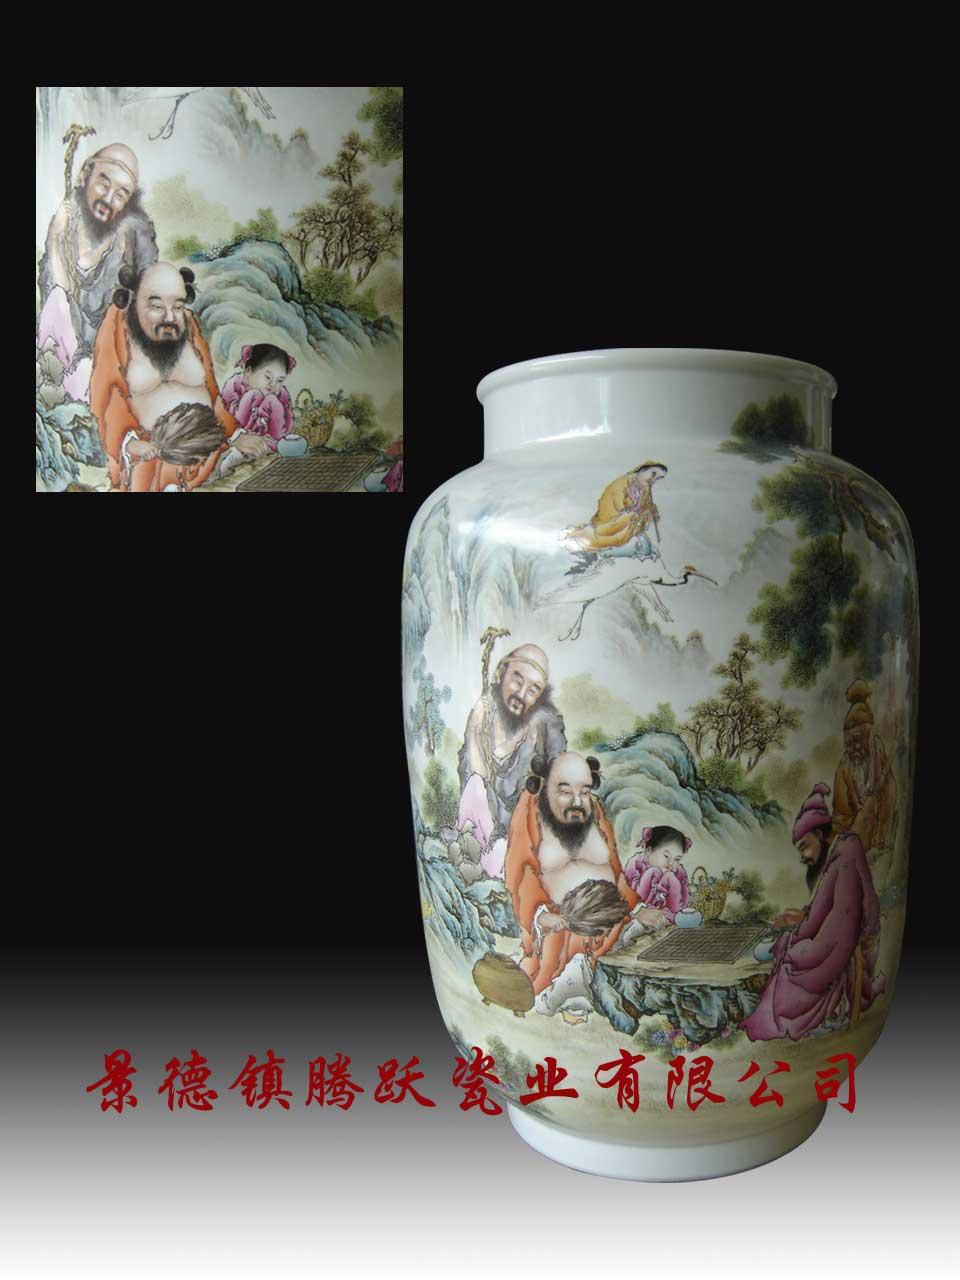 江西 景德镇 花瓶 > 花瓶供应商: 供应八仙过海◆名家粉彩高白泥陶瓷